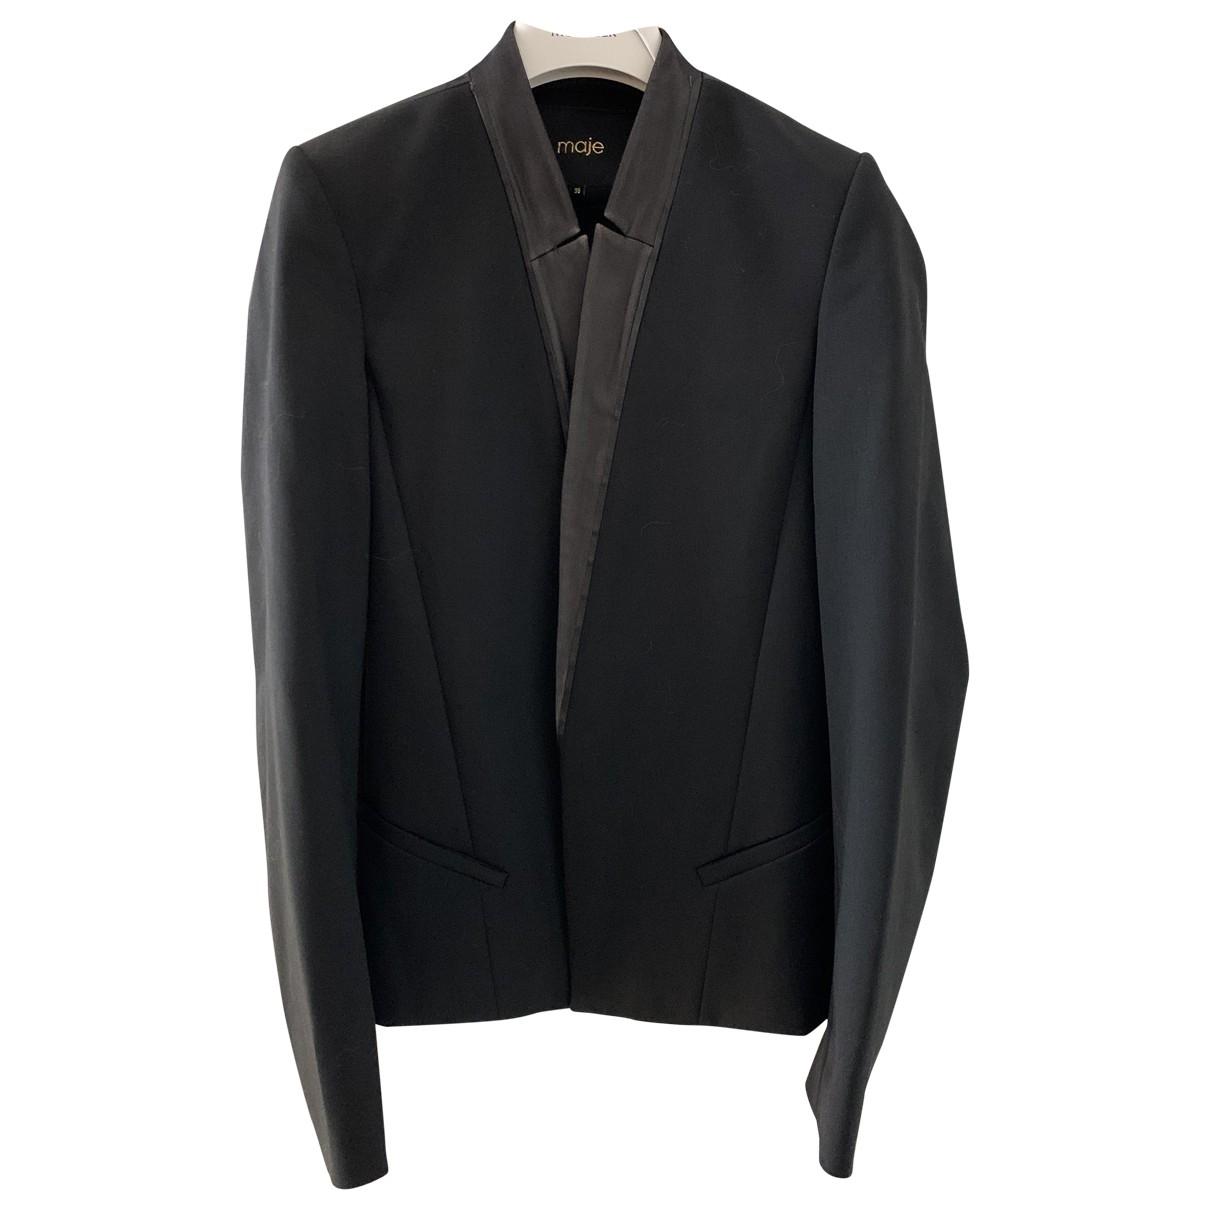 Maje Fall Winter 2019 Black Wool jacket for Women 36 FR